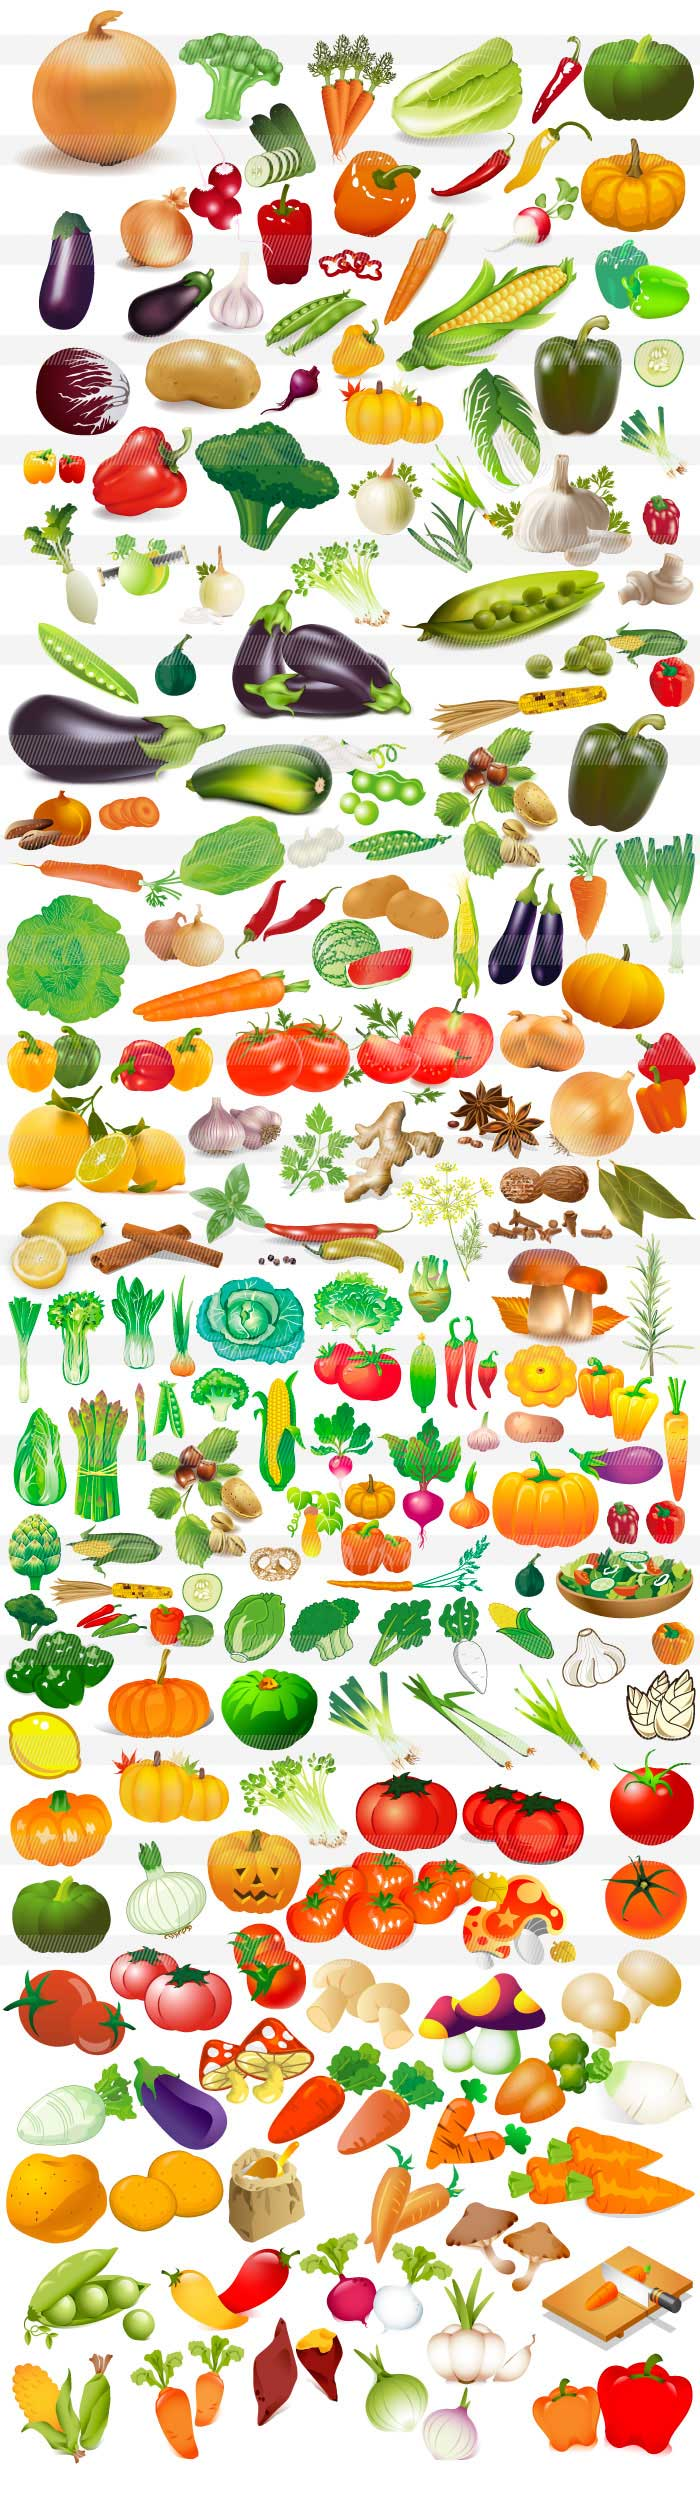 野菜・食べ物のイラスト